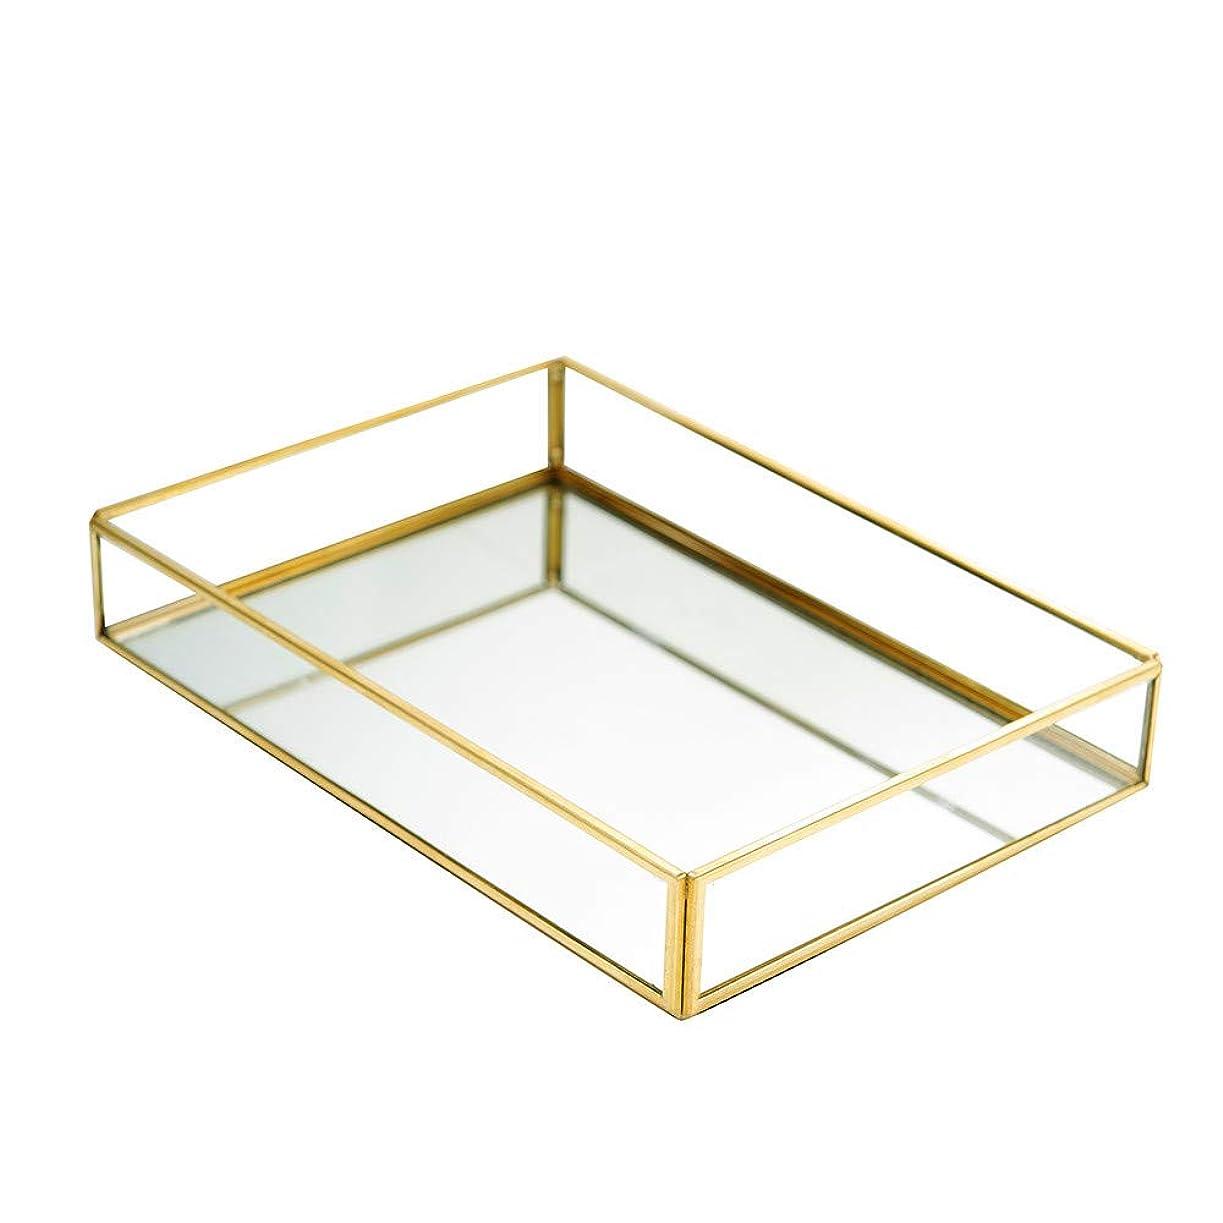 フロント呼ぶ真実収納トレイ ジュエリートレイ ミラートレイ アクセサリー収納 ガラストレイ ジュエリー収納 小物入れ 化粧品収納 アクセサリー置き 宝石箱 ゴールド (長方形)